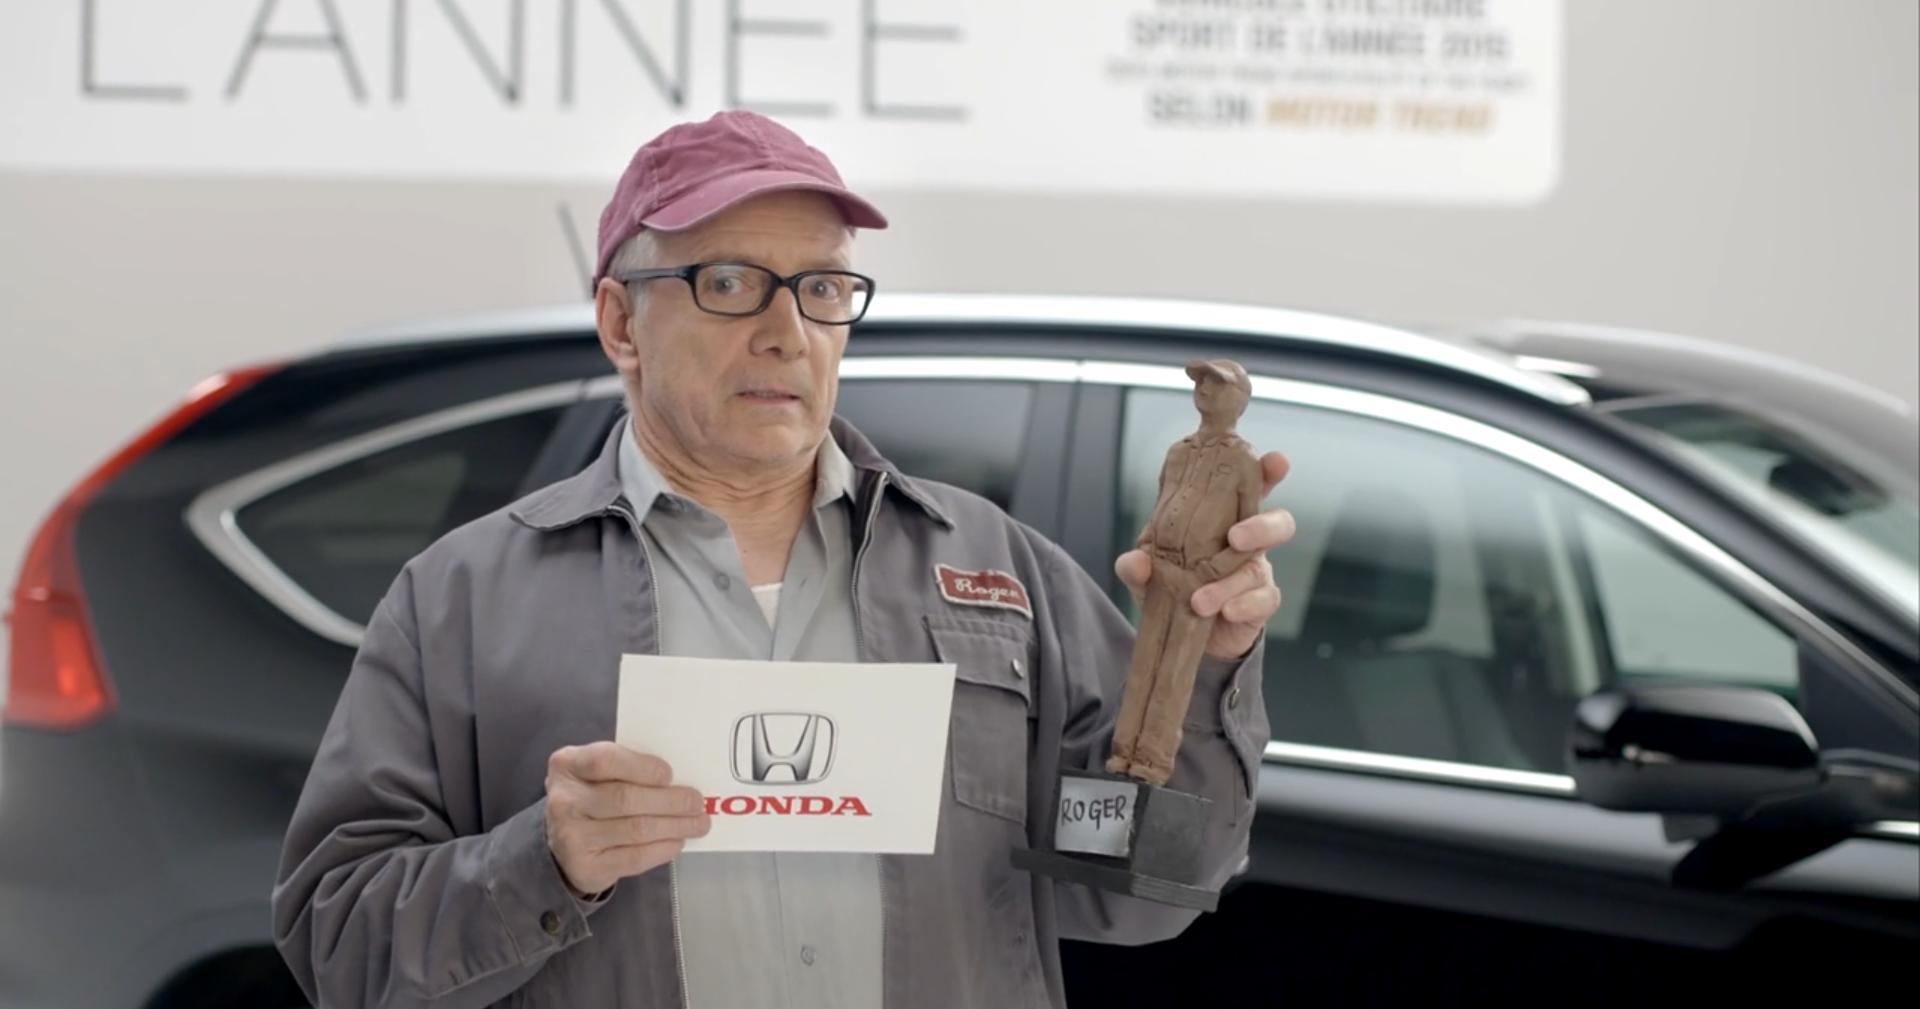 Honda / publicité